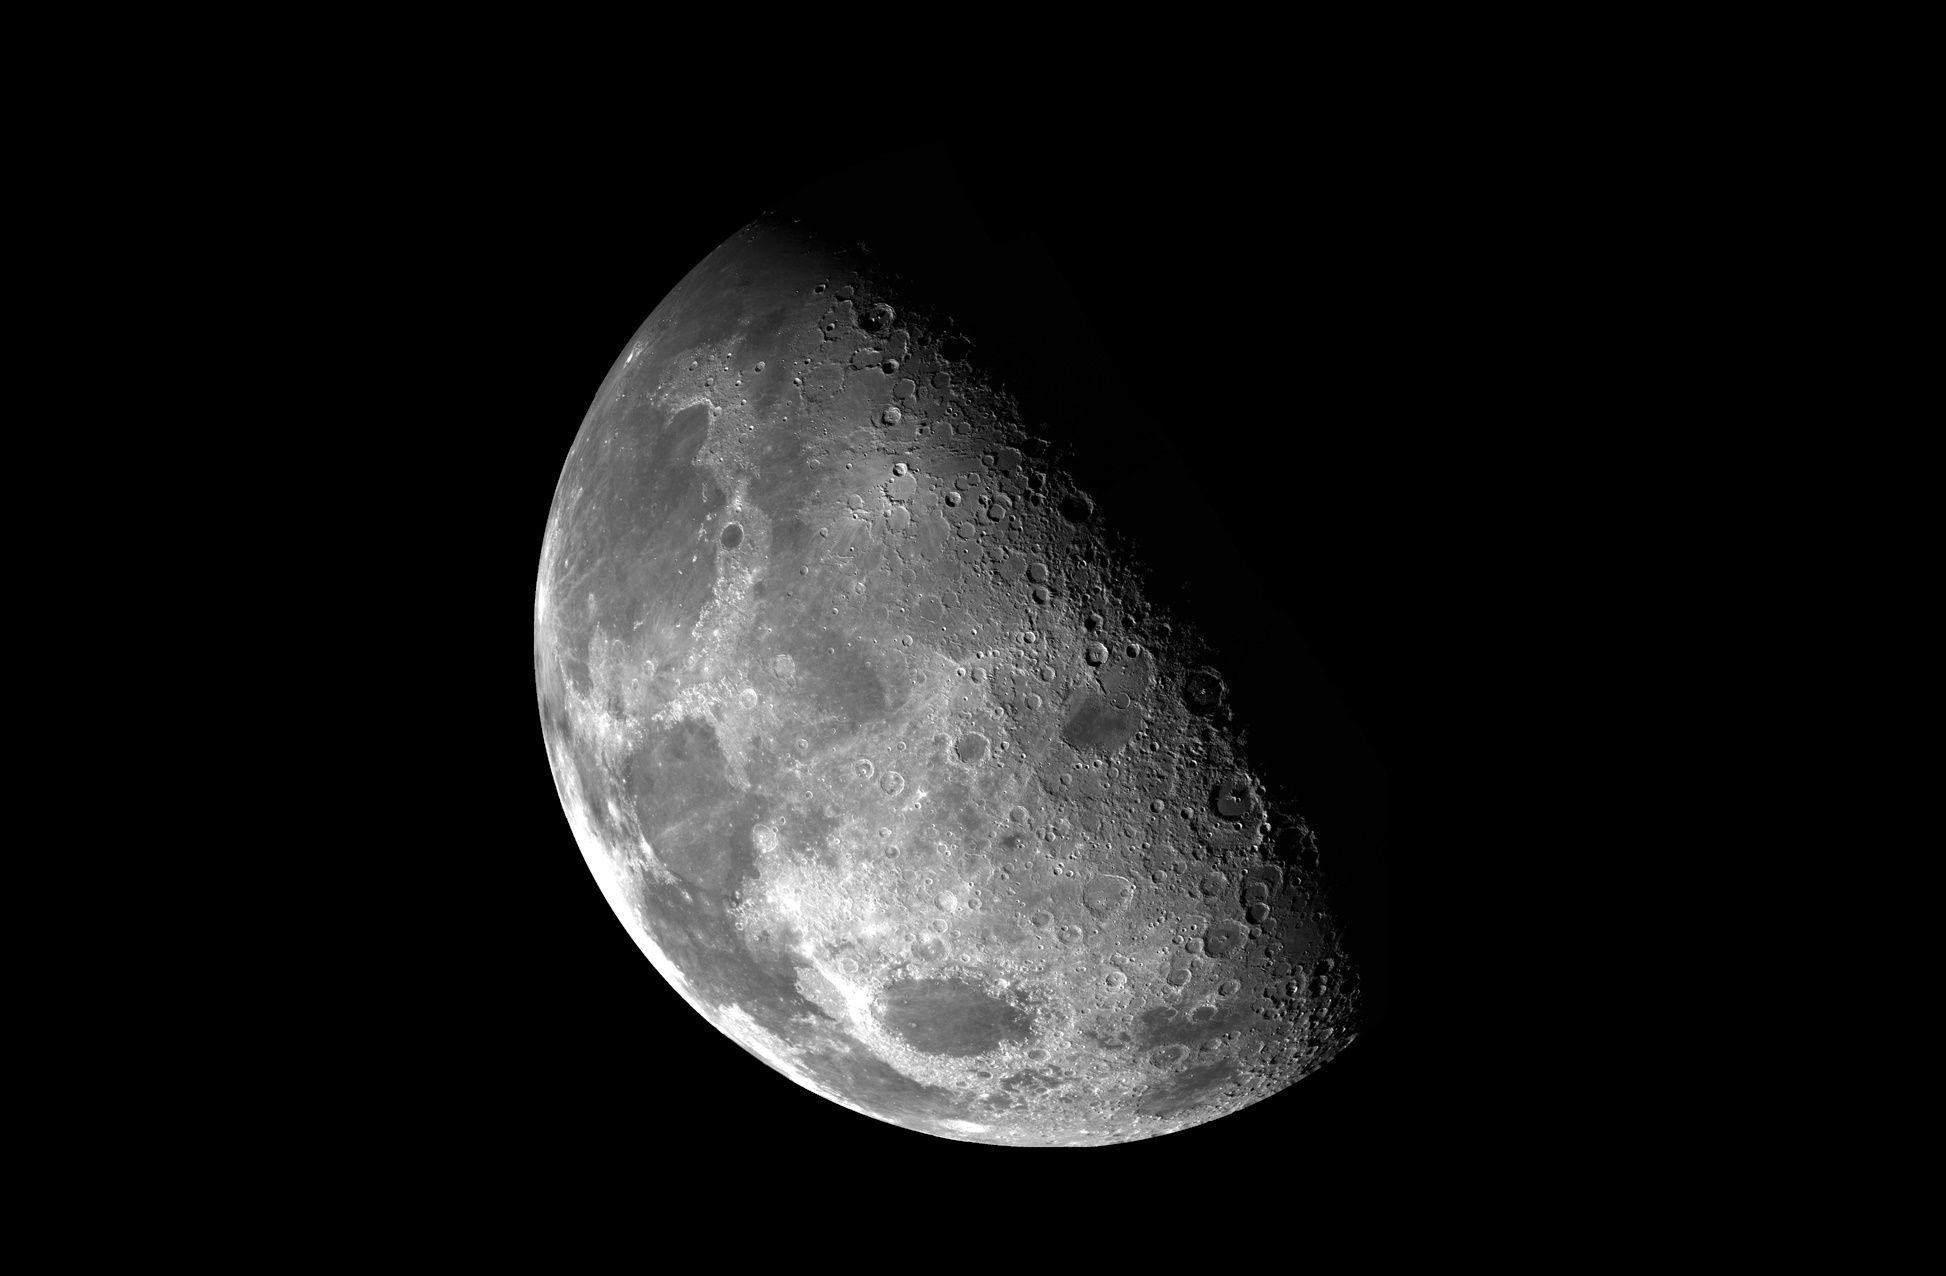 moon base wallpaper - photo #33